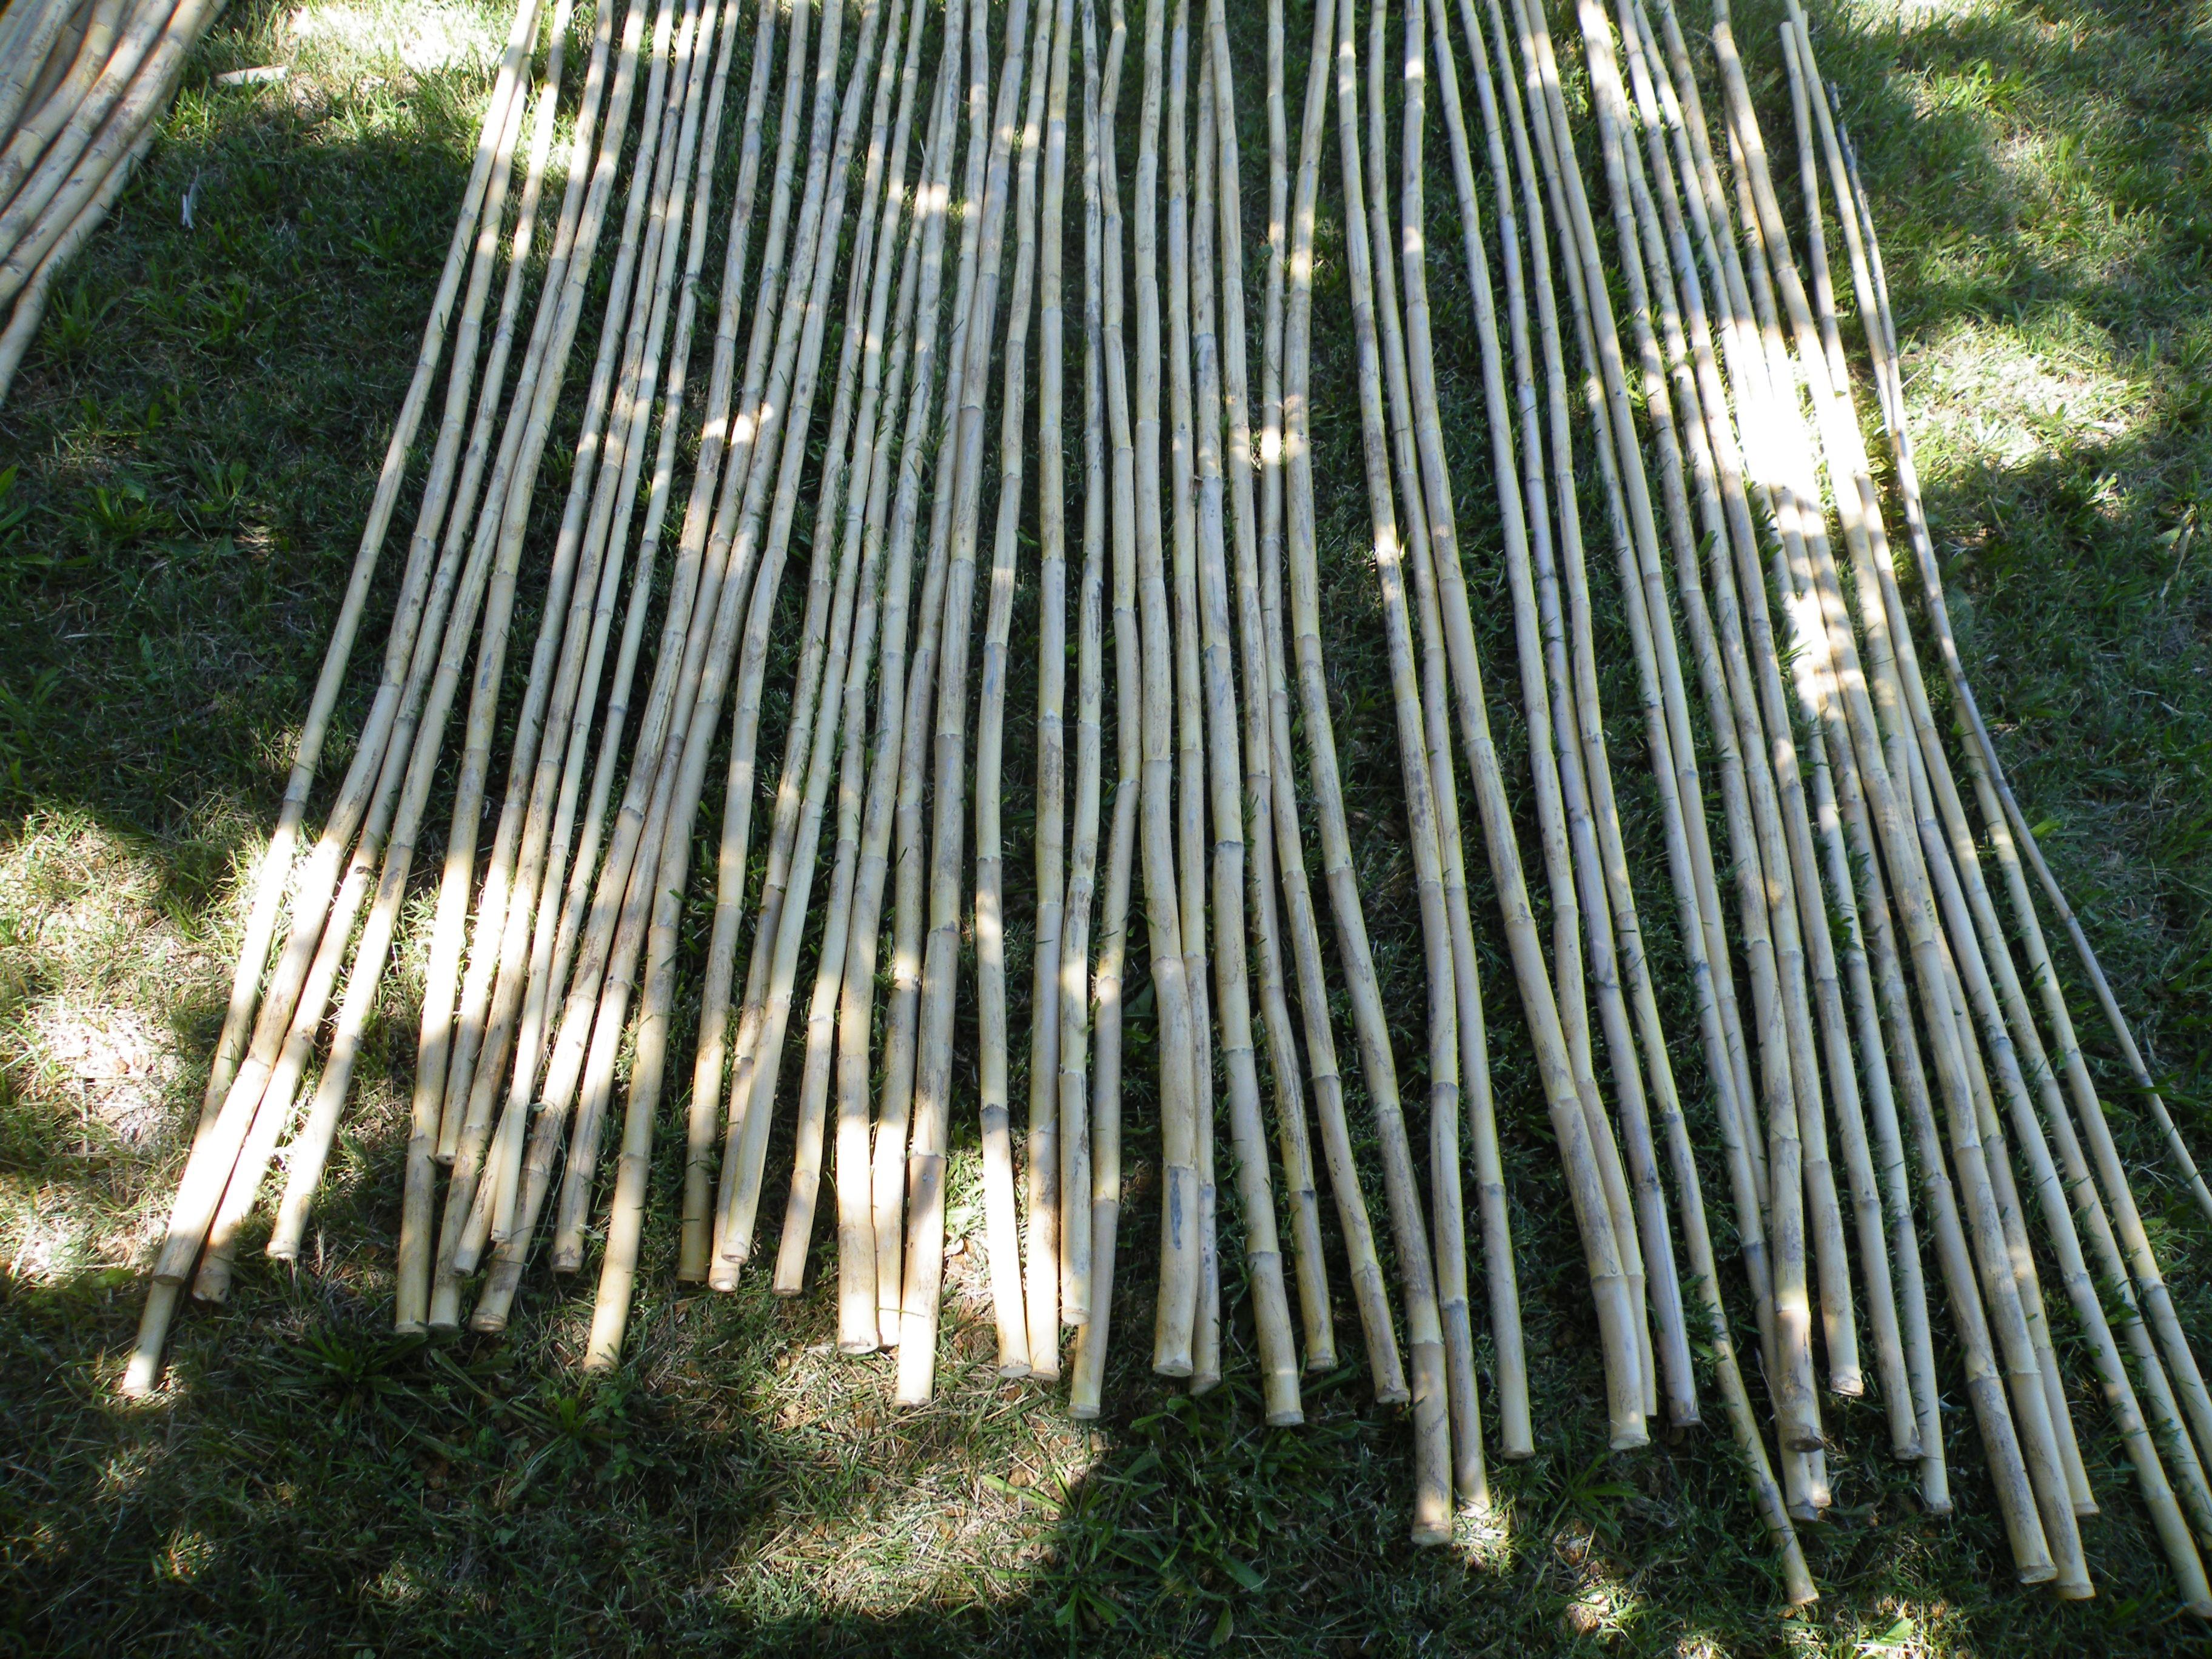 6 24 2018 cut bamboo 001